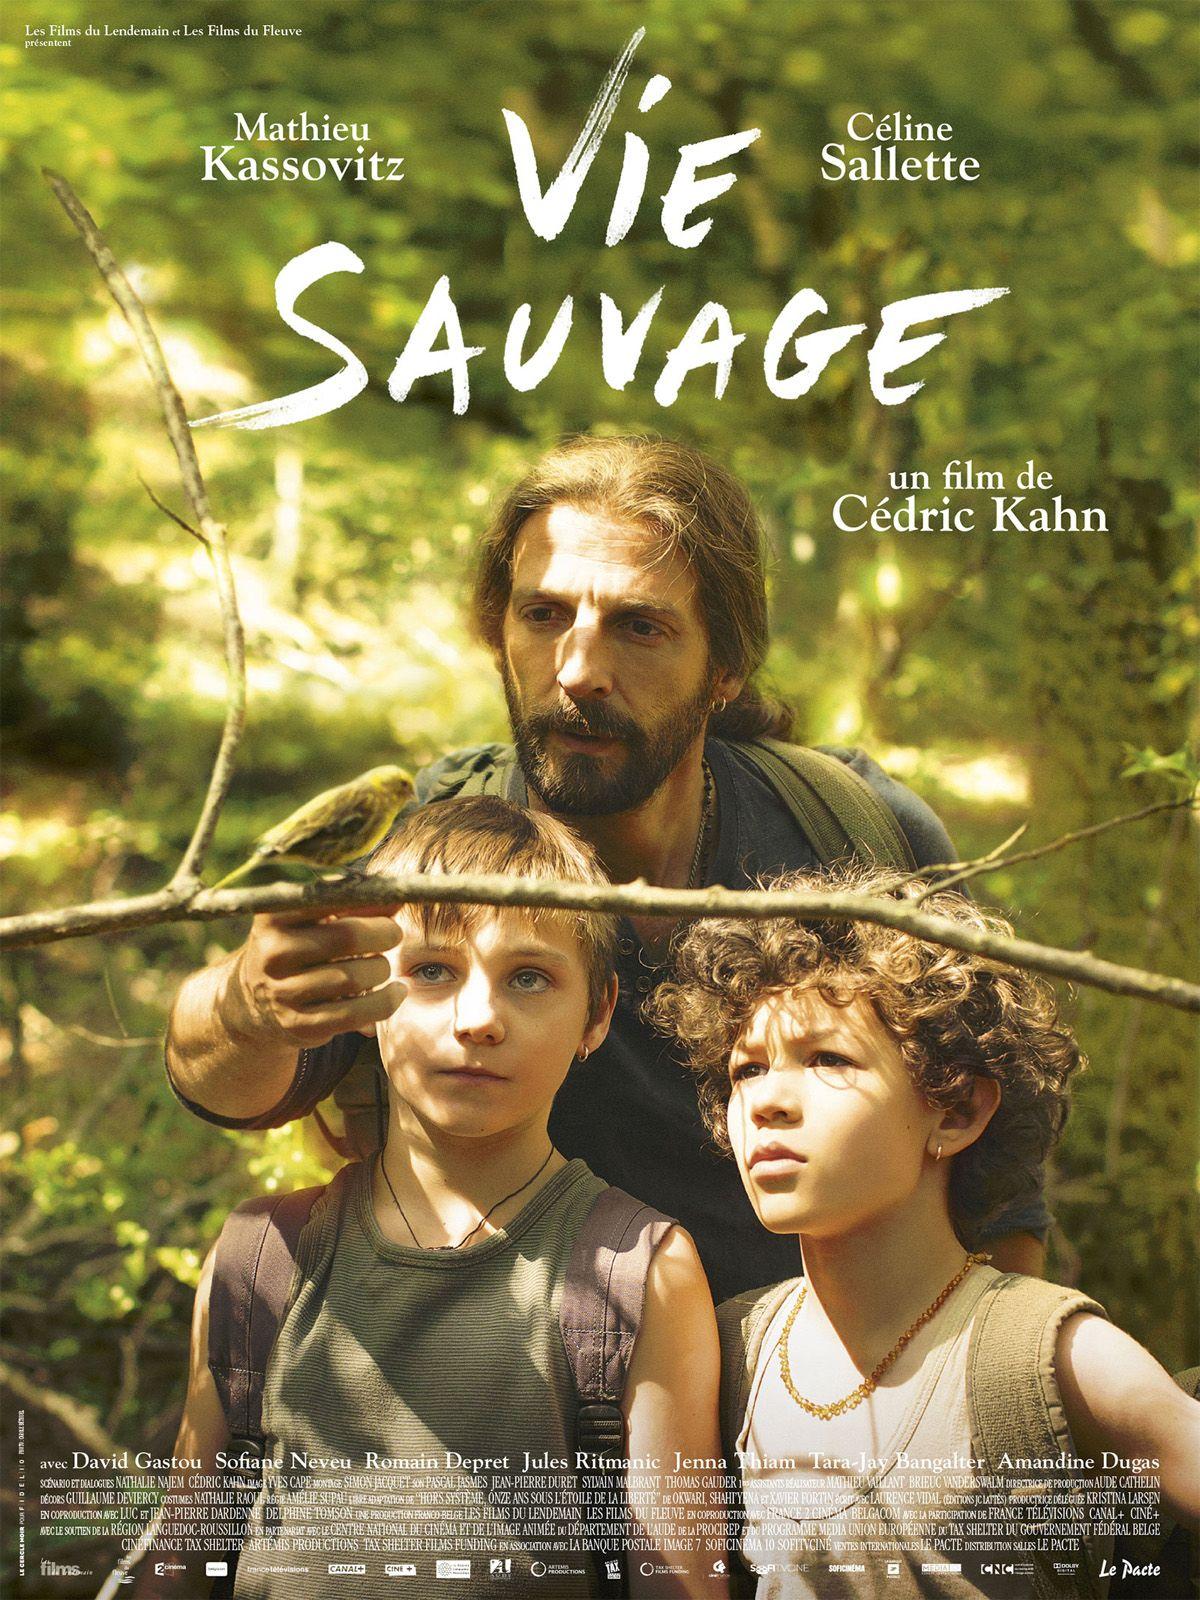 Vie sauvage France 2014 Réalisation Cédric Kahn